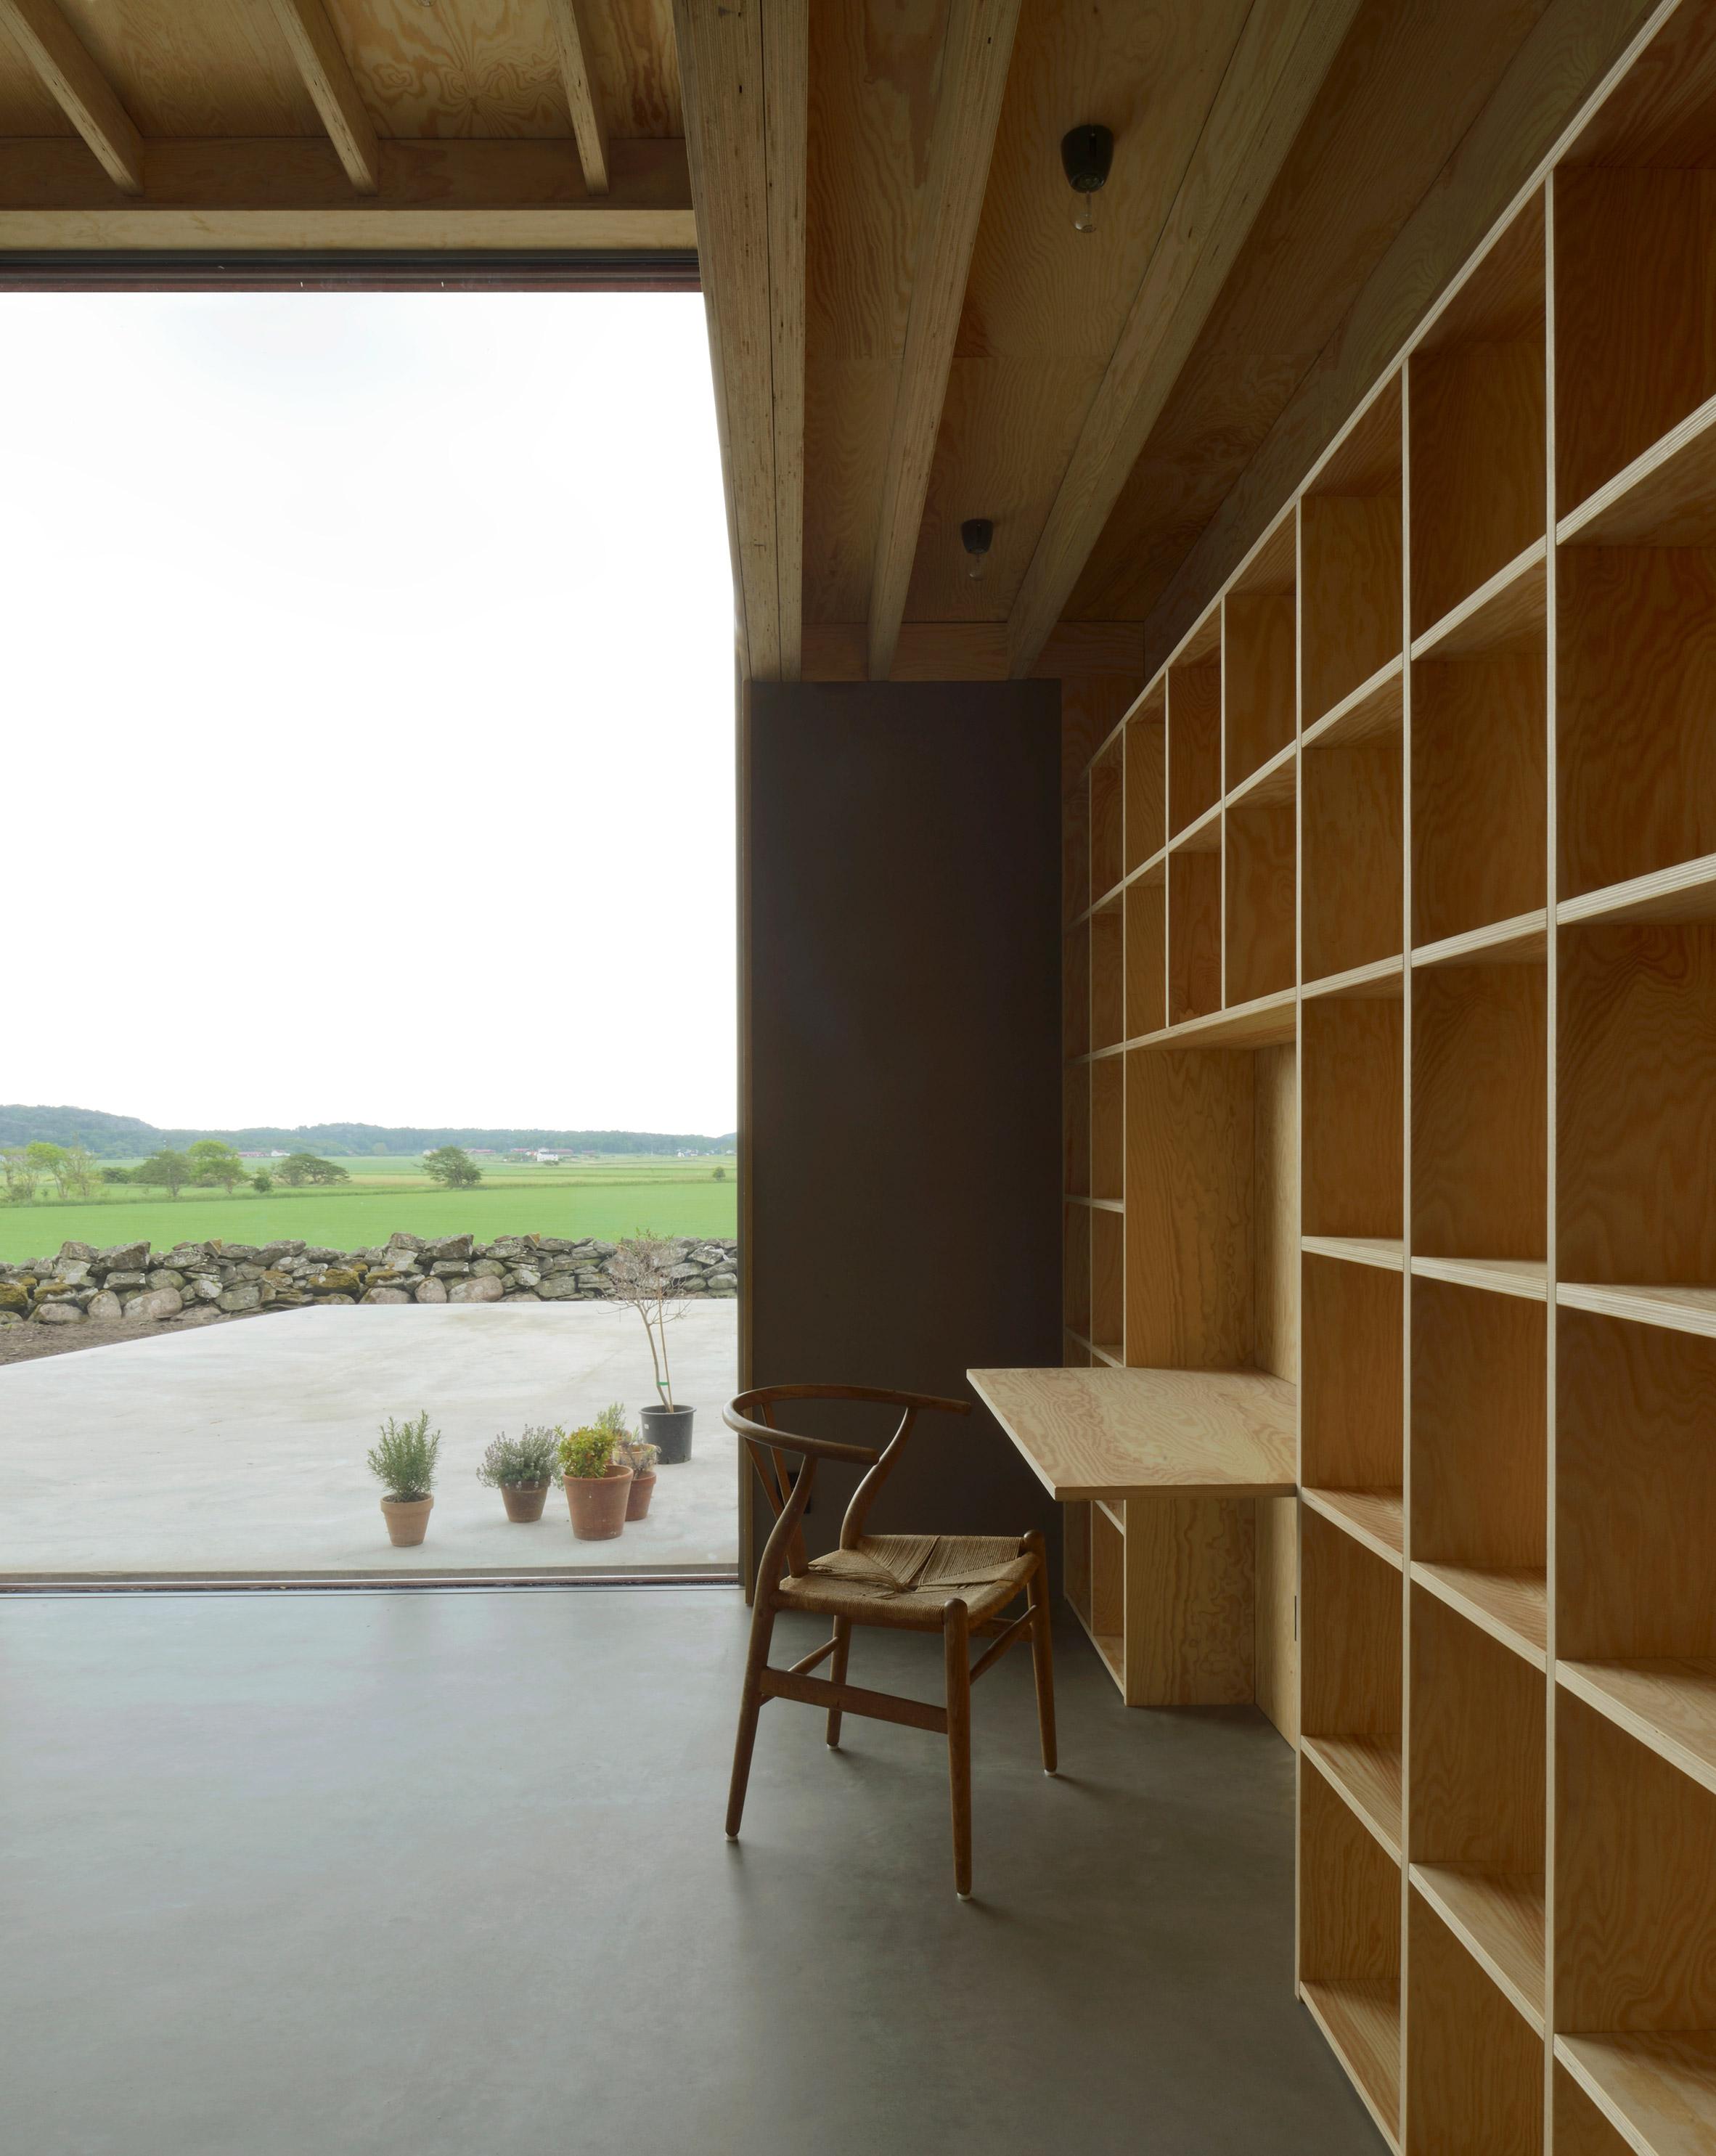 Späckhuggaren, 'House for a Drummer' by Bornstein Lyckefors Architects